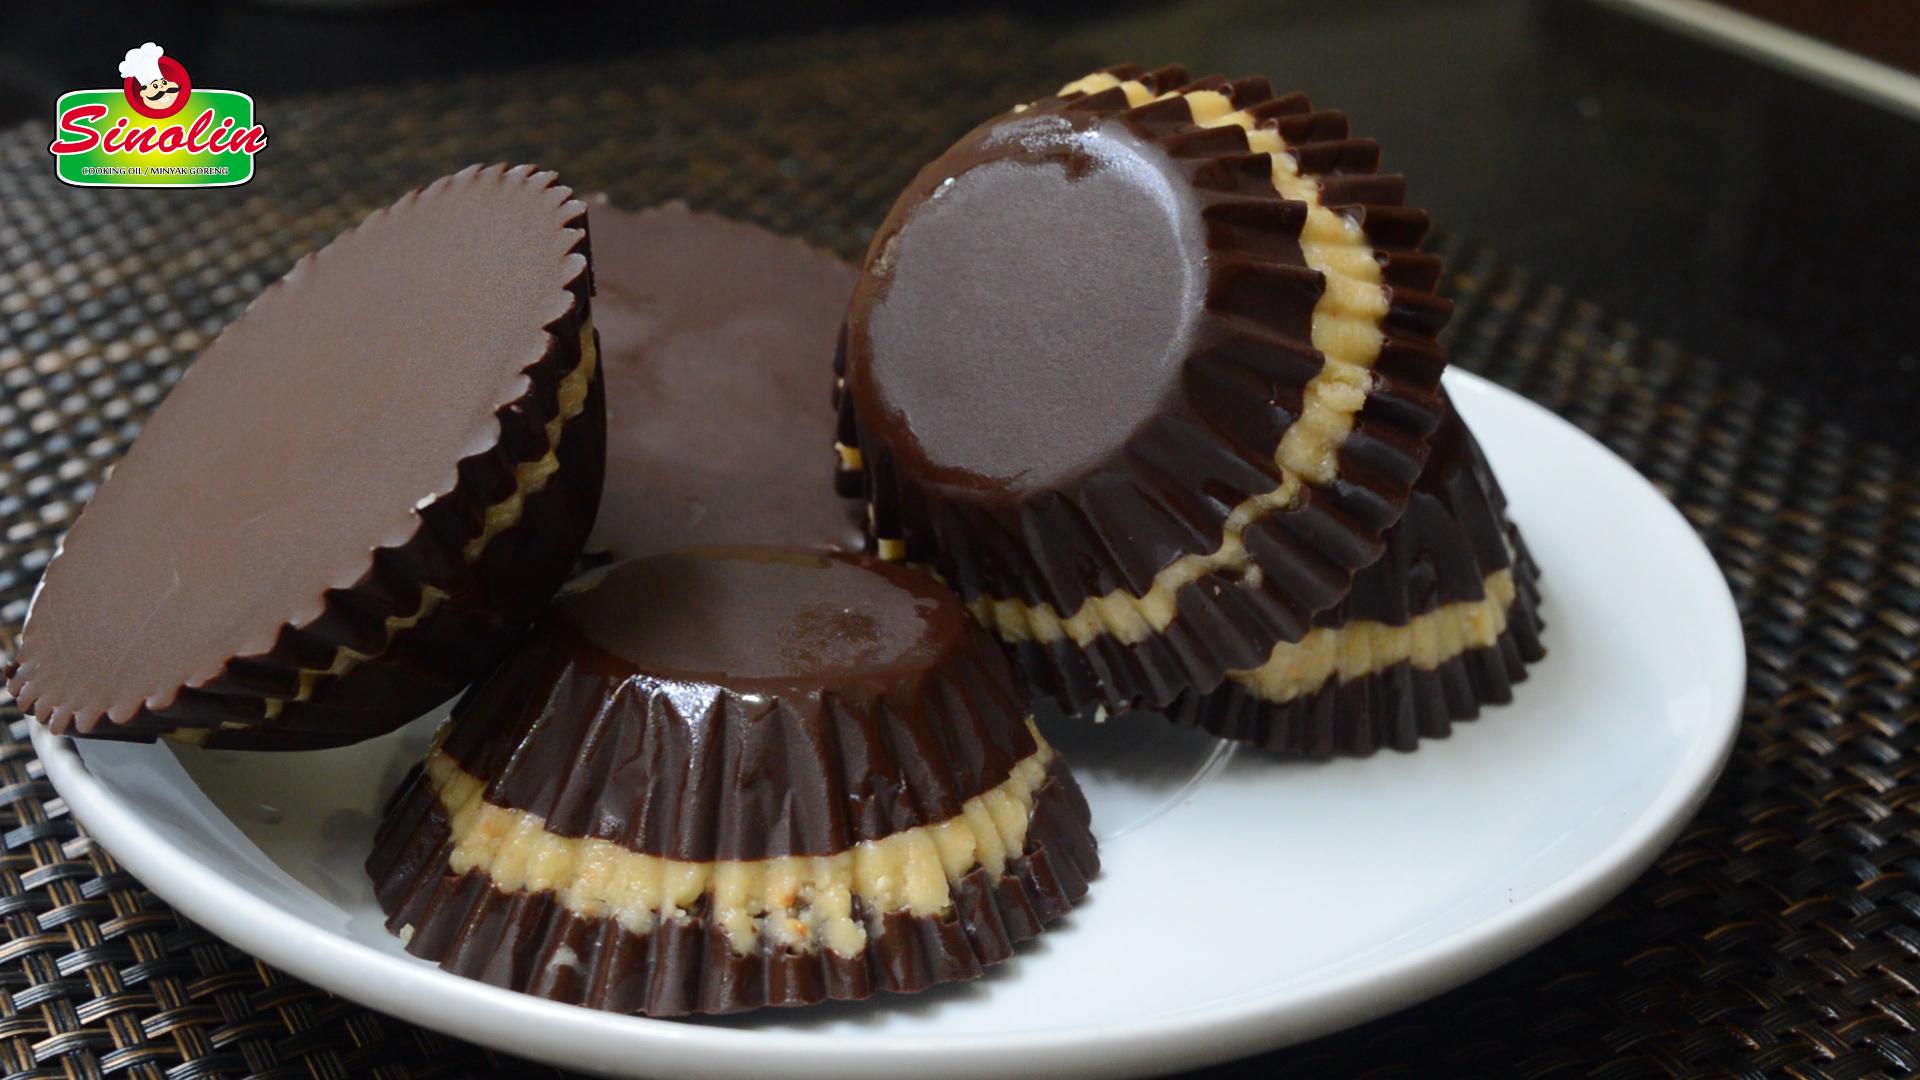 Kue Mangkuk Kacang Mentega oleh Dapur Sinolin